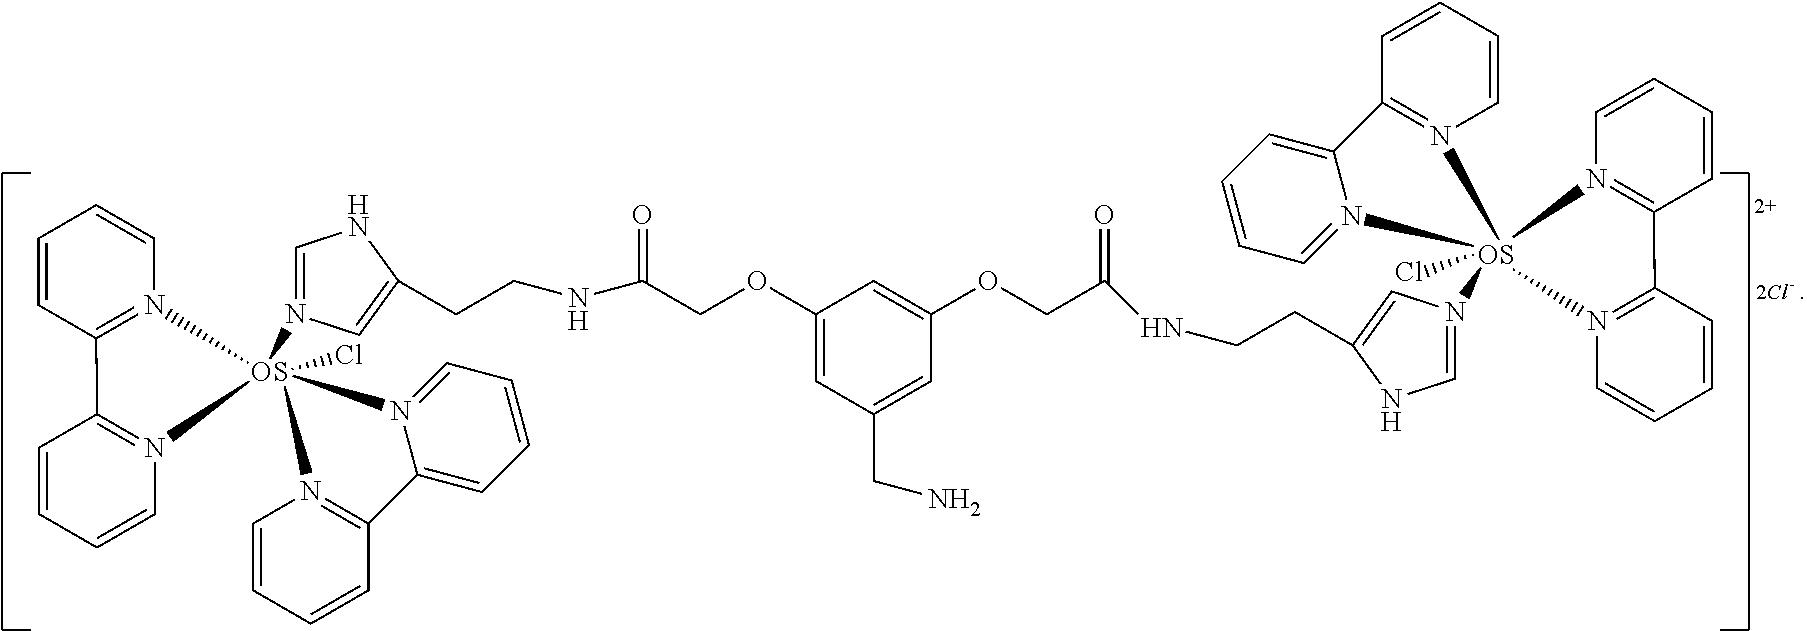 Figure US08288544-20121016-C00013